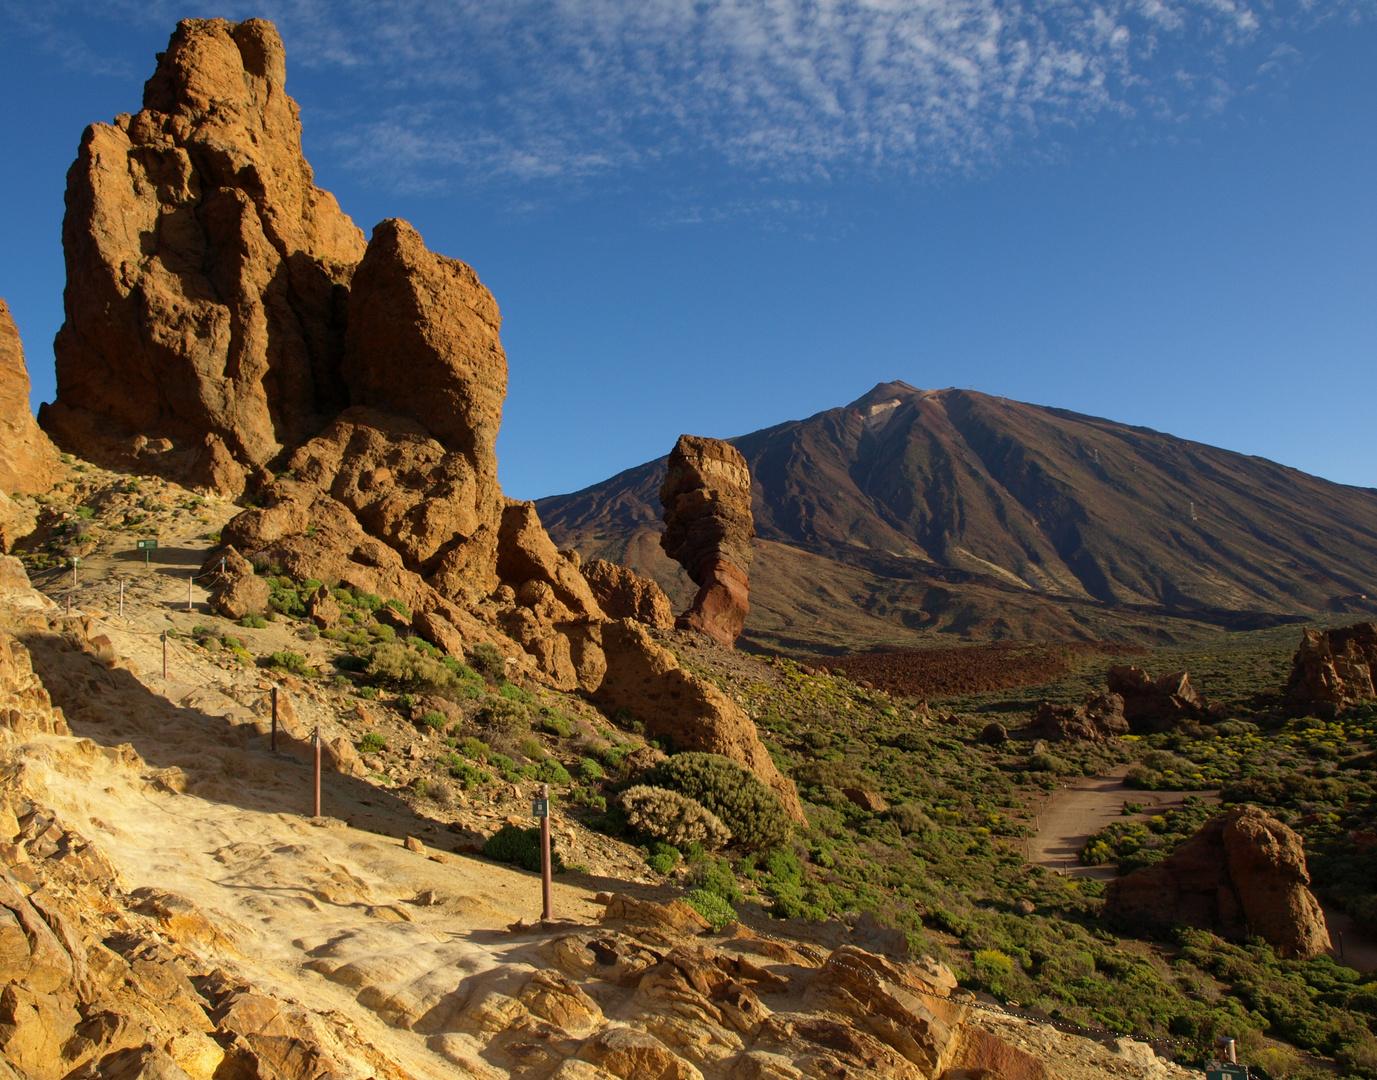 Roques de Garcia y Pico del Teide